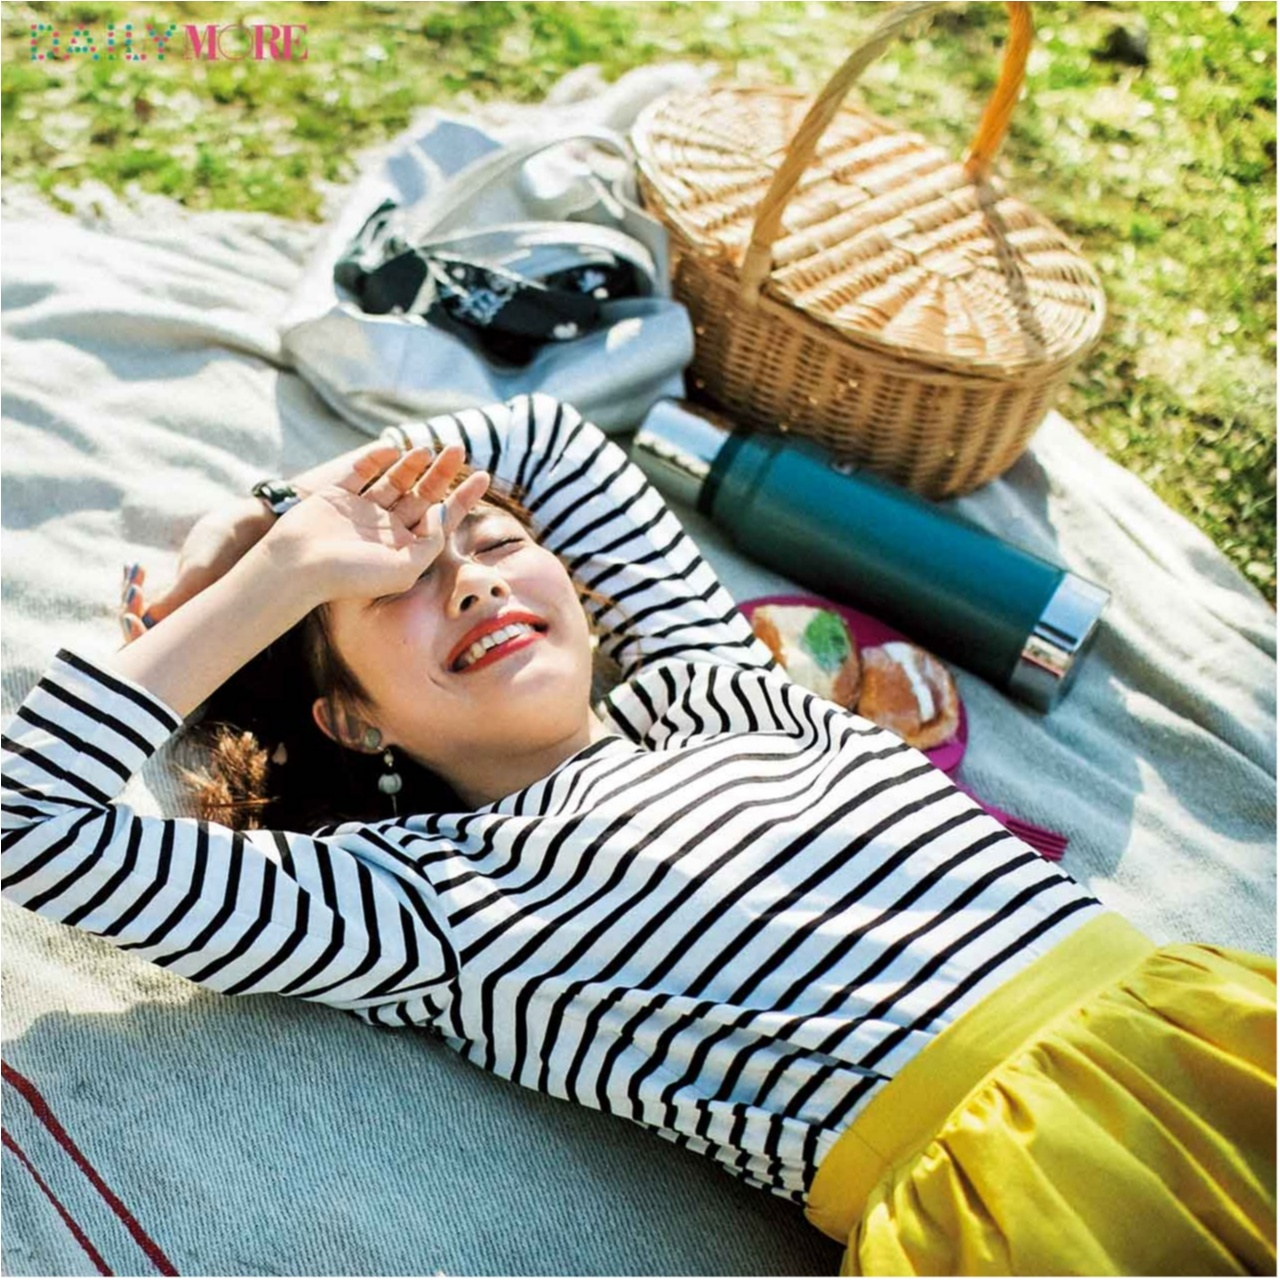 暑い日こそ元気にね♪ 気分が上がる「夏のきれい色」コーデまとめ♡_1_21